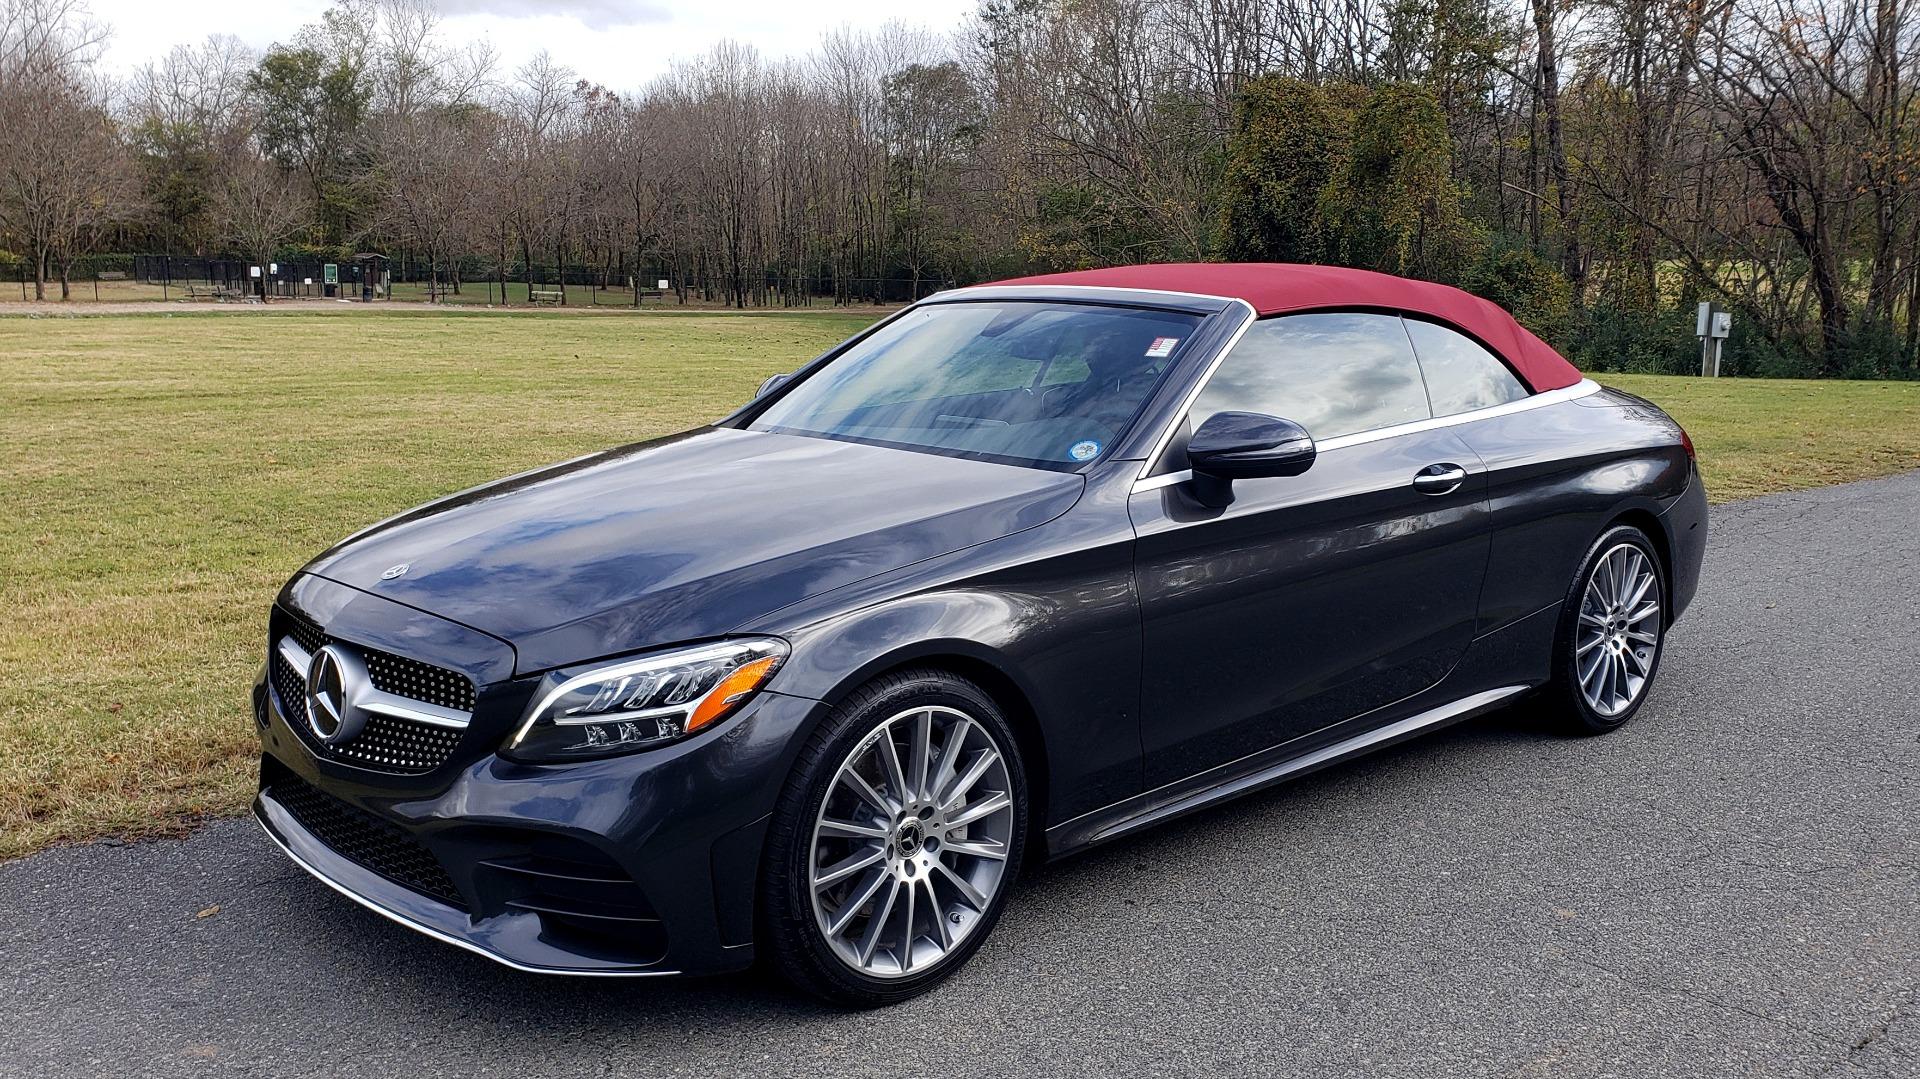 Used 2019 Mercedes-Benz C-CLASS C 300 CABRIOLET / PREM PKG / NAV / BURMESTER / MULTIMEDIA for sale Sold at Formula Imports in Charlotte NC 28227 4